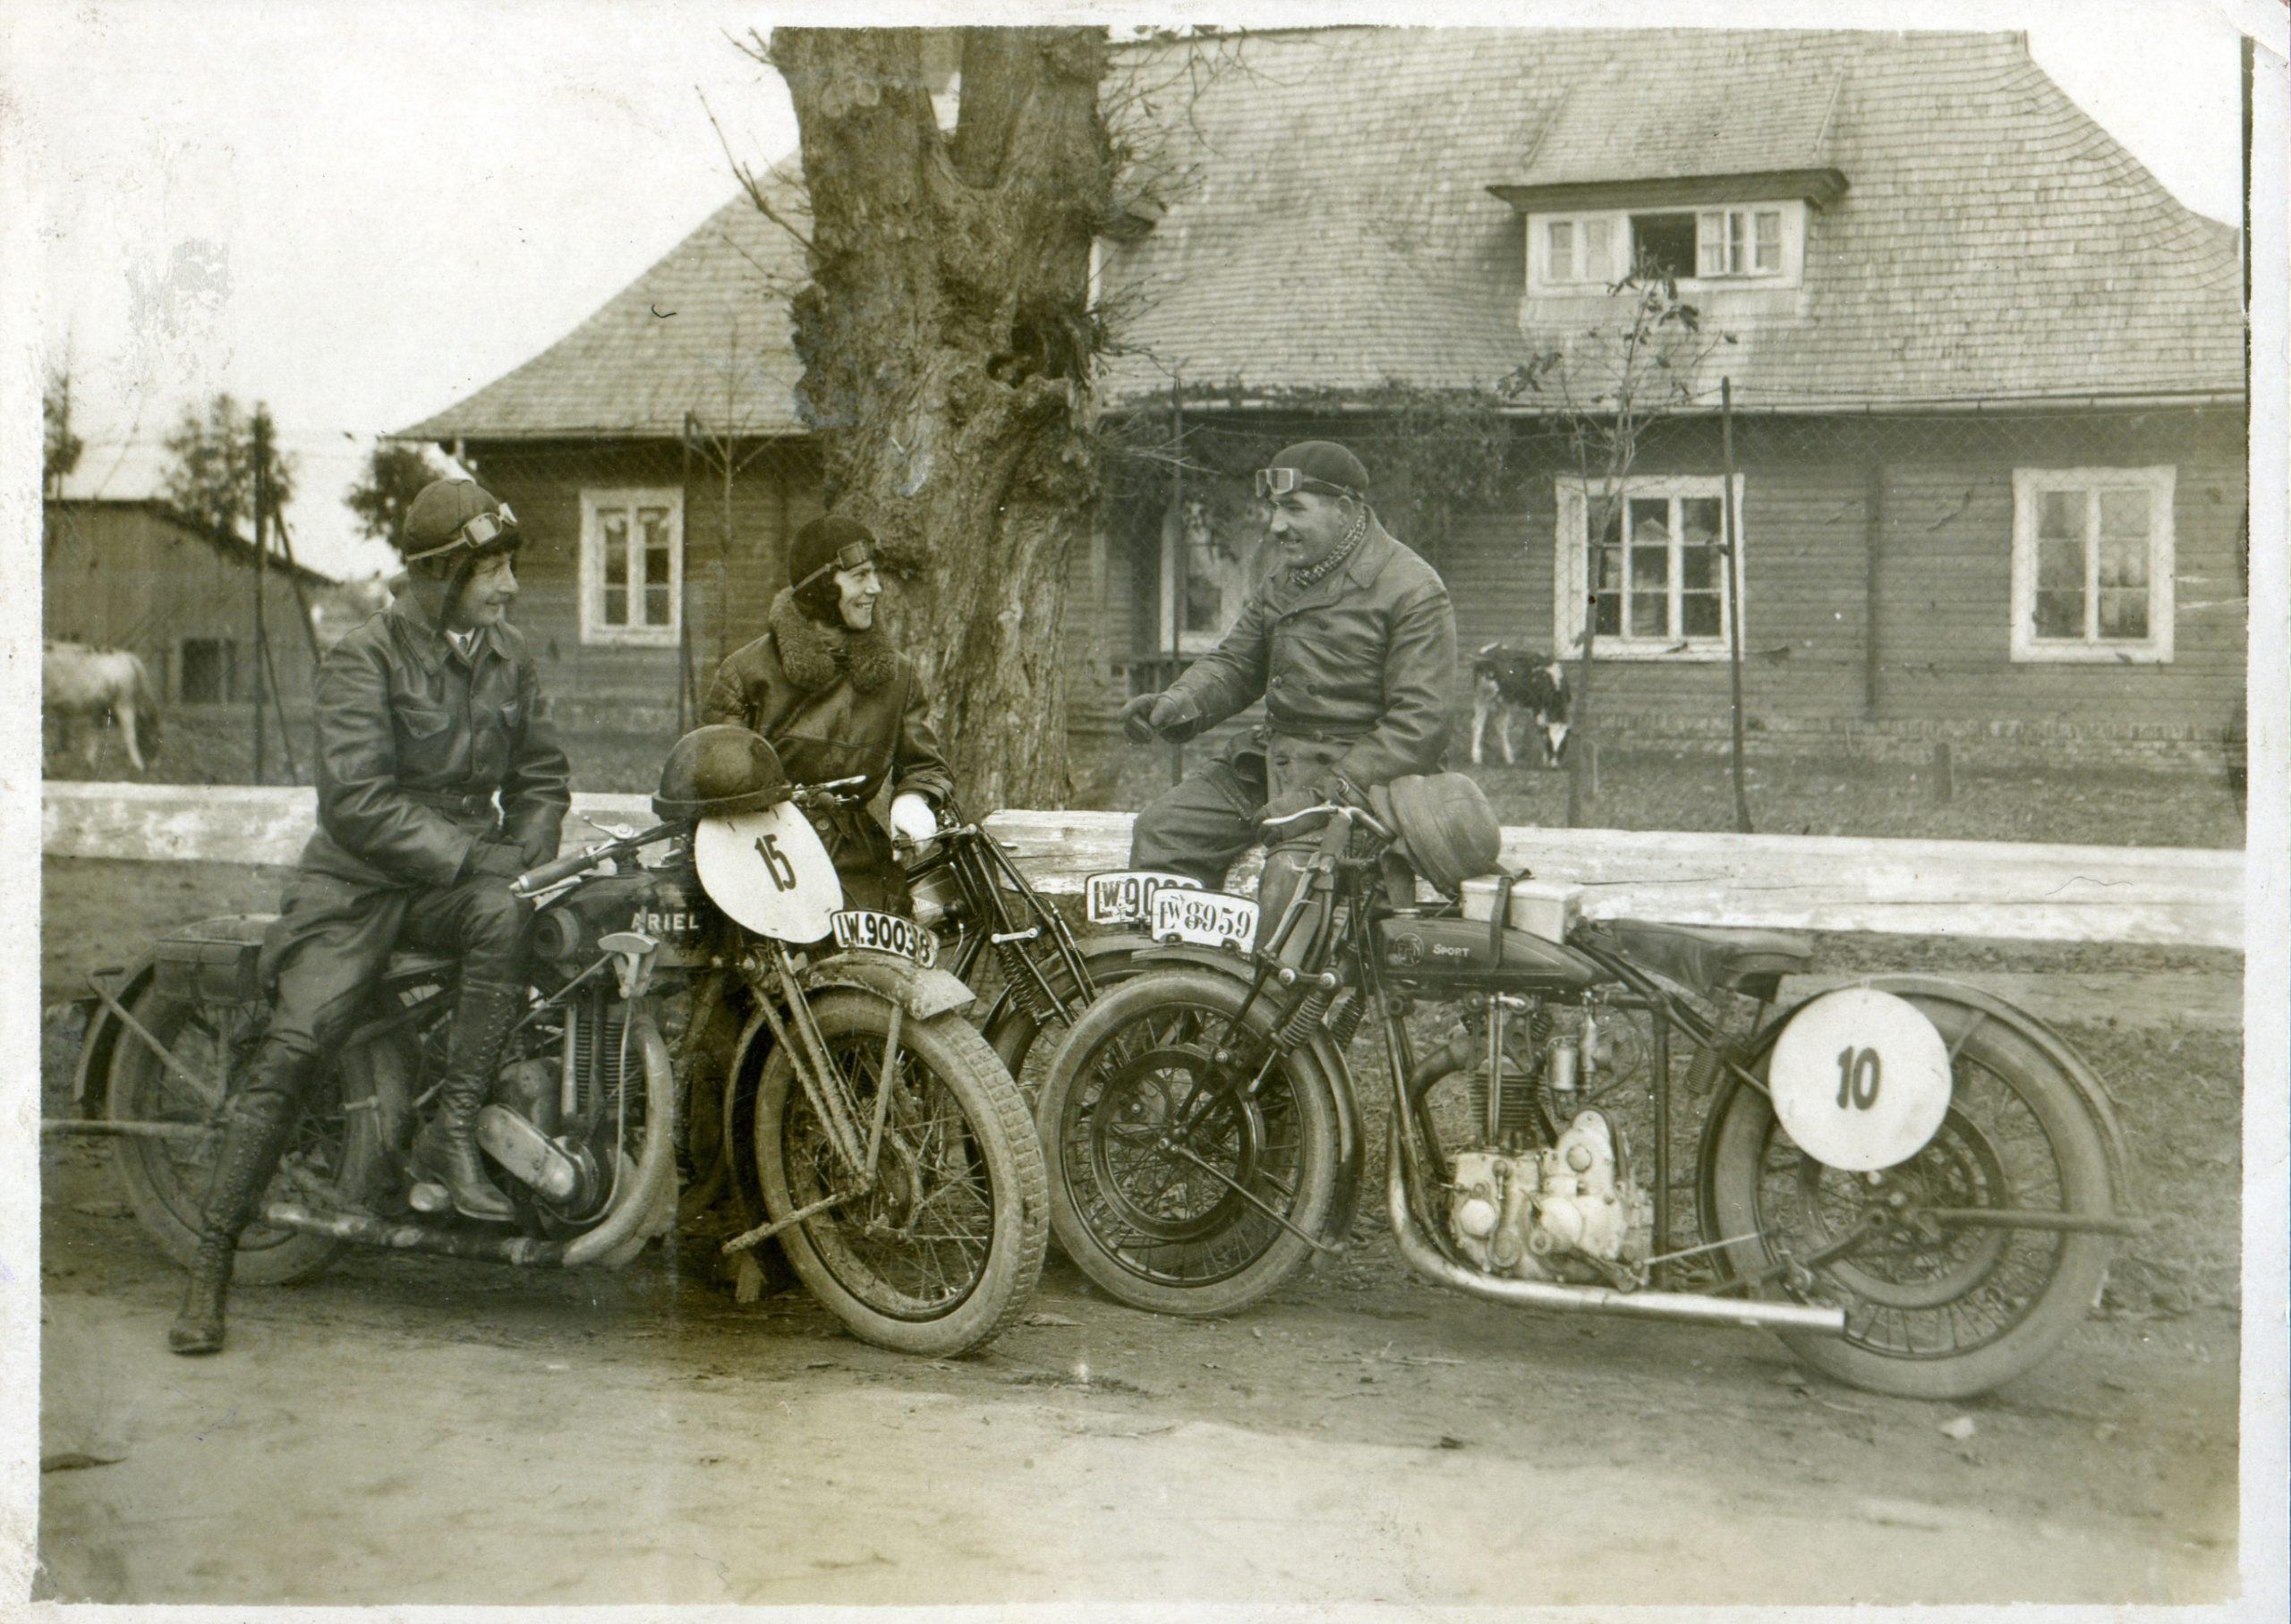 Od prawej: Edward Kustanowicz przy swoim motocyklu FN (sport), Janina Loteczkowa na wyścigowym motocyklu Cotton, Tadeusz Rudawski na motocyklu Ariel.